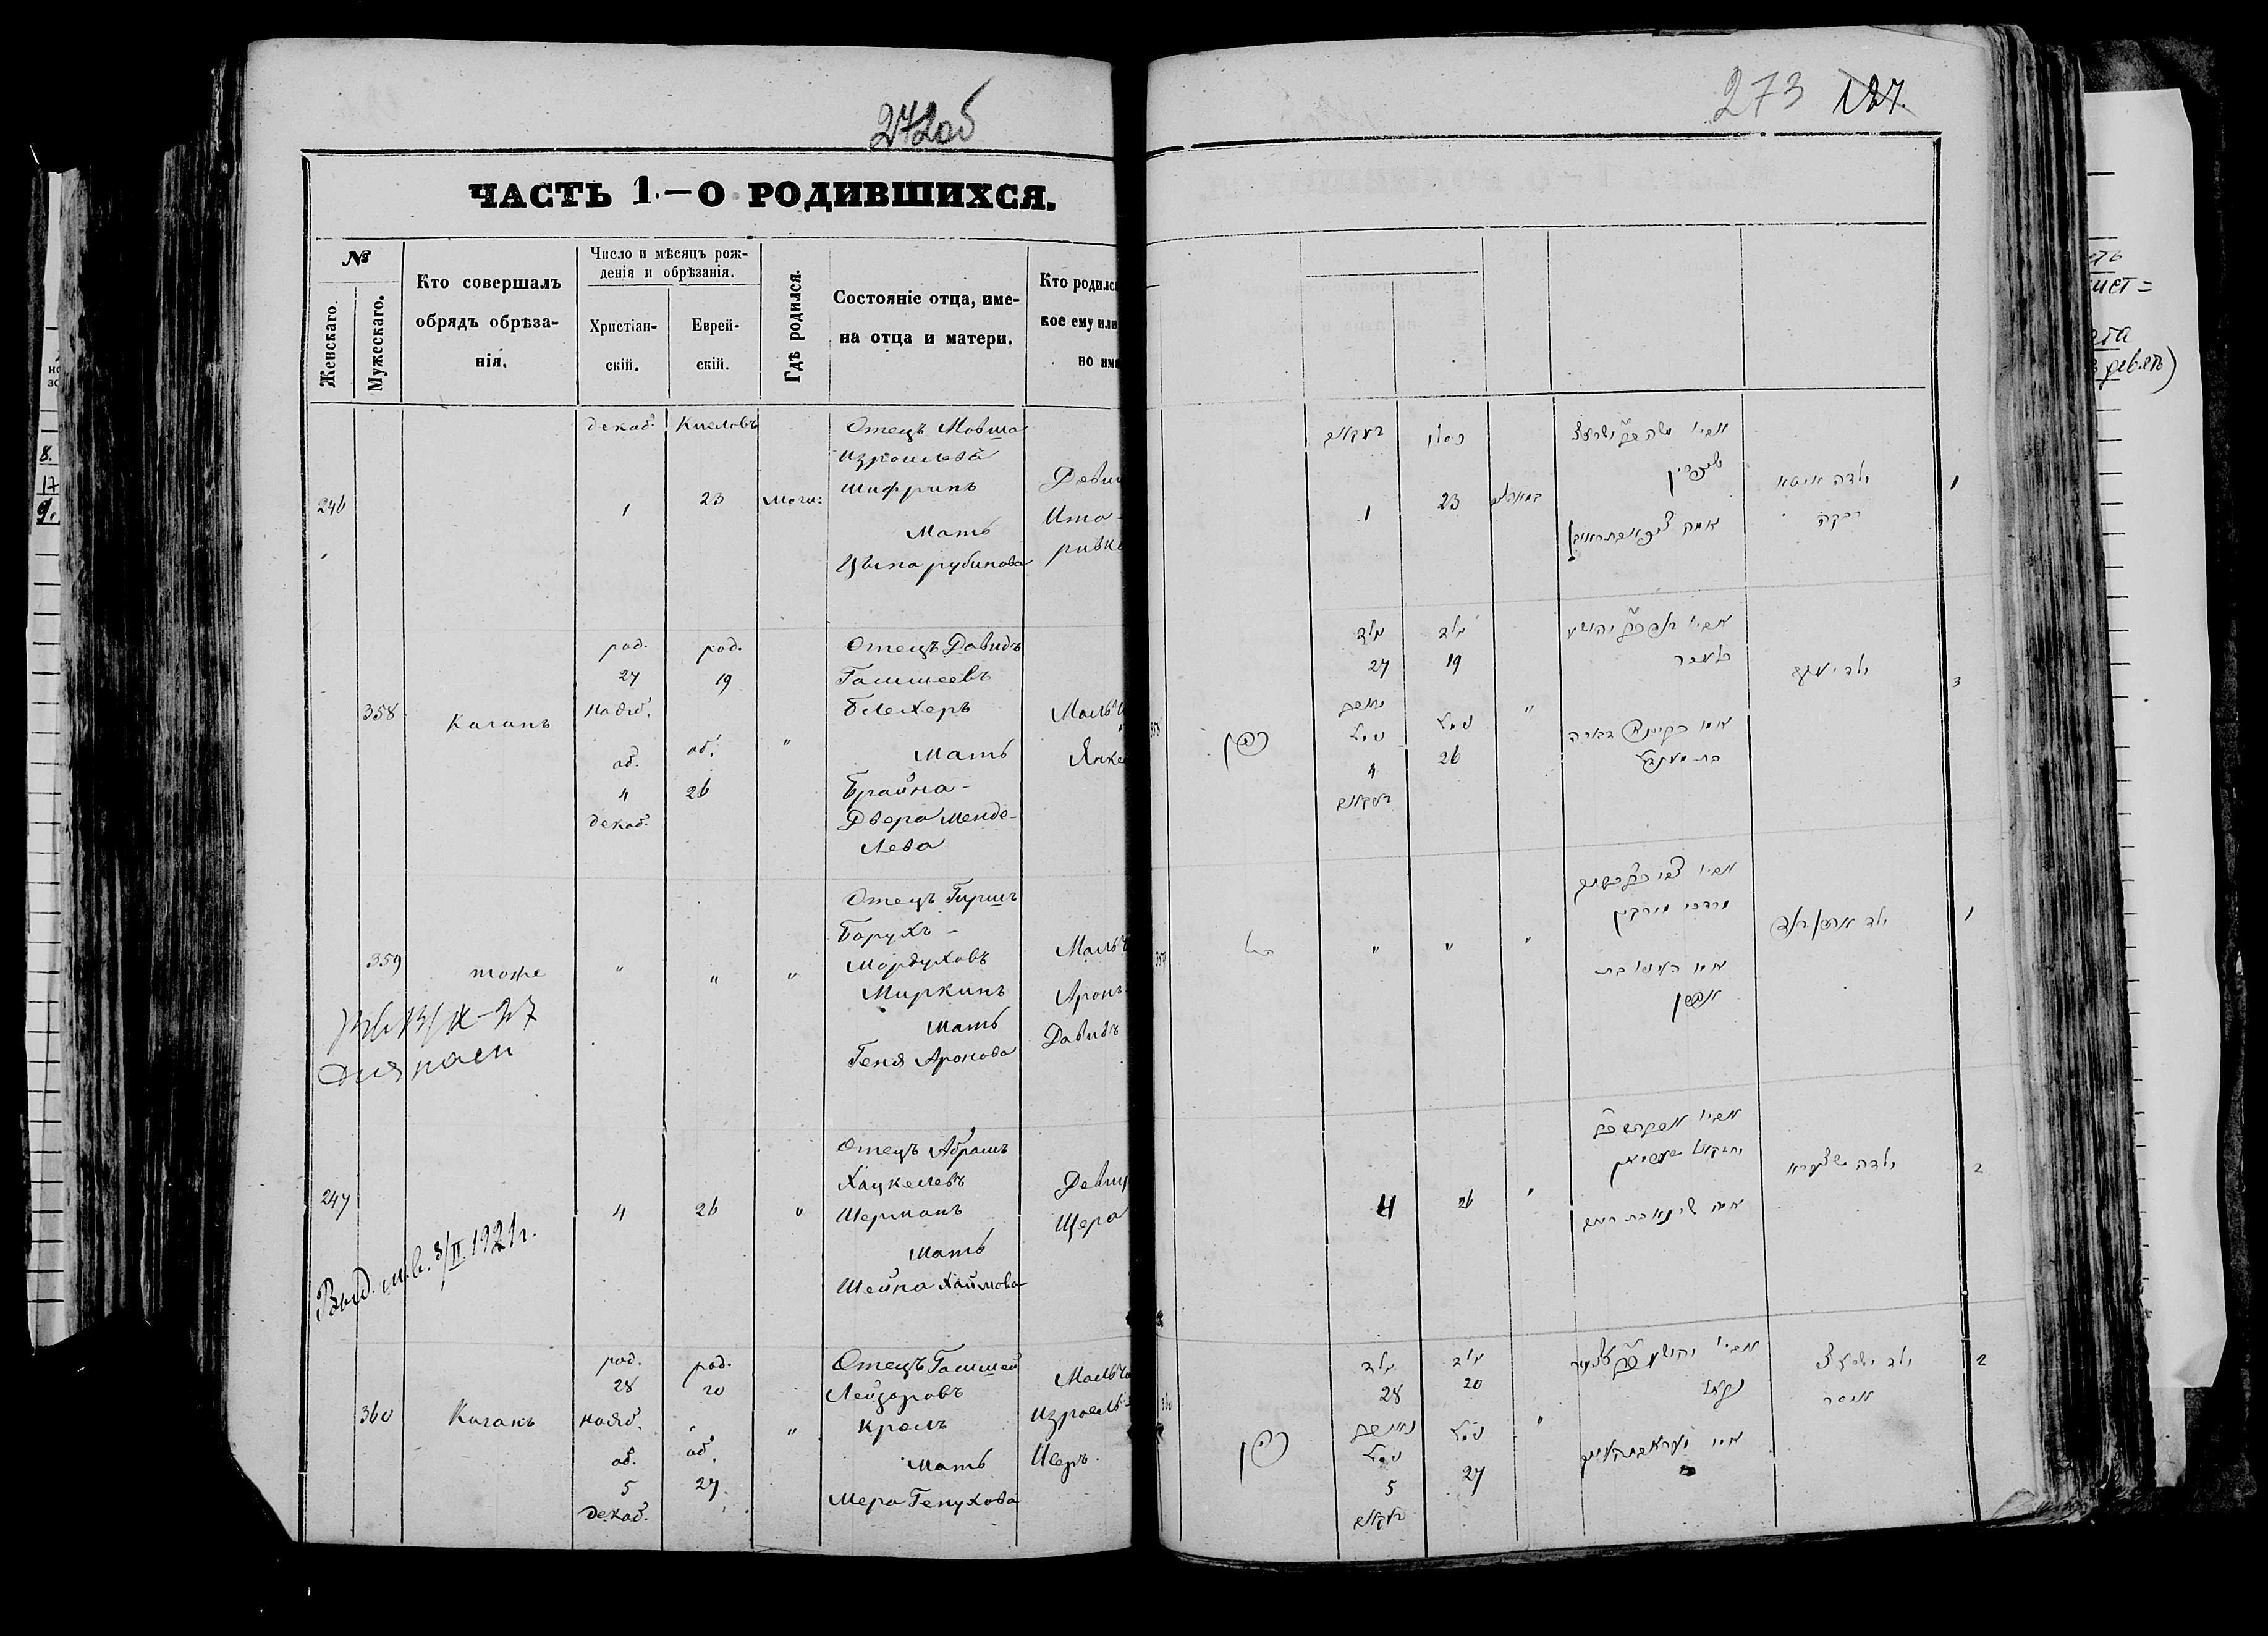 Арон Давид Миркин р. 24 ноября 1873, запись 359, пленка 007766480, снимок 1006